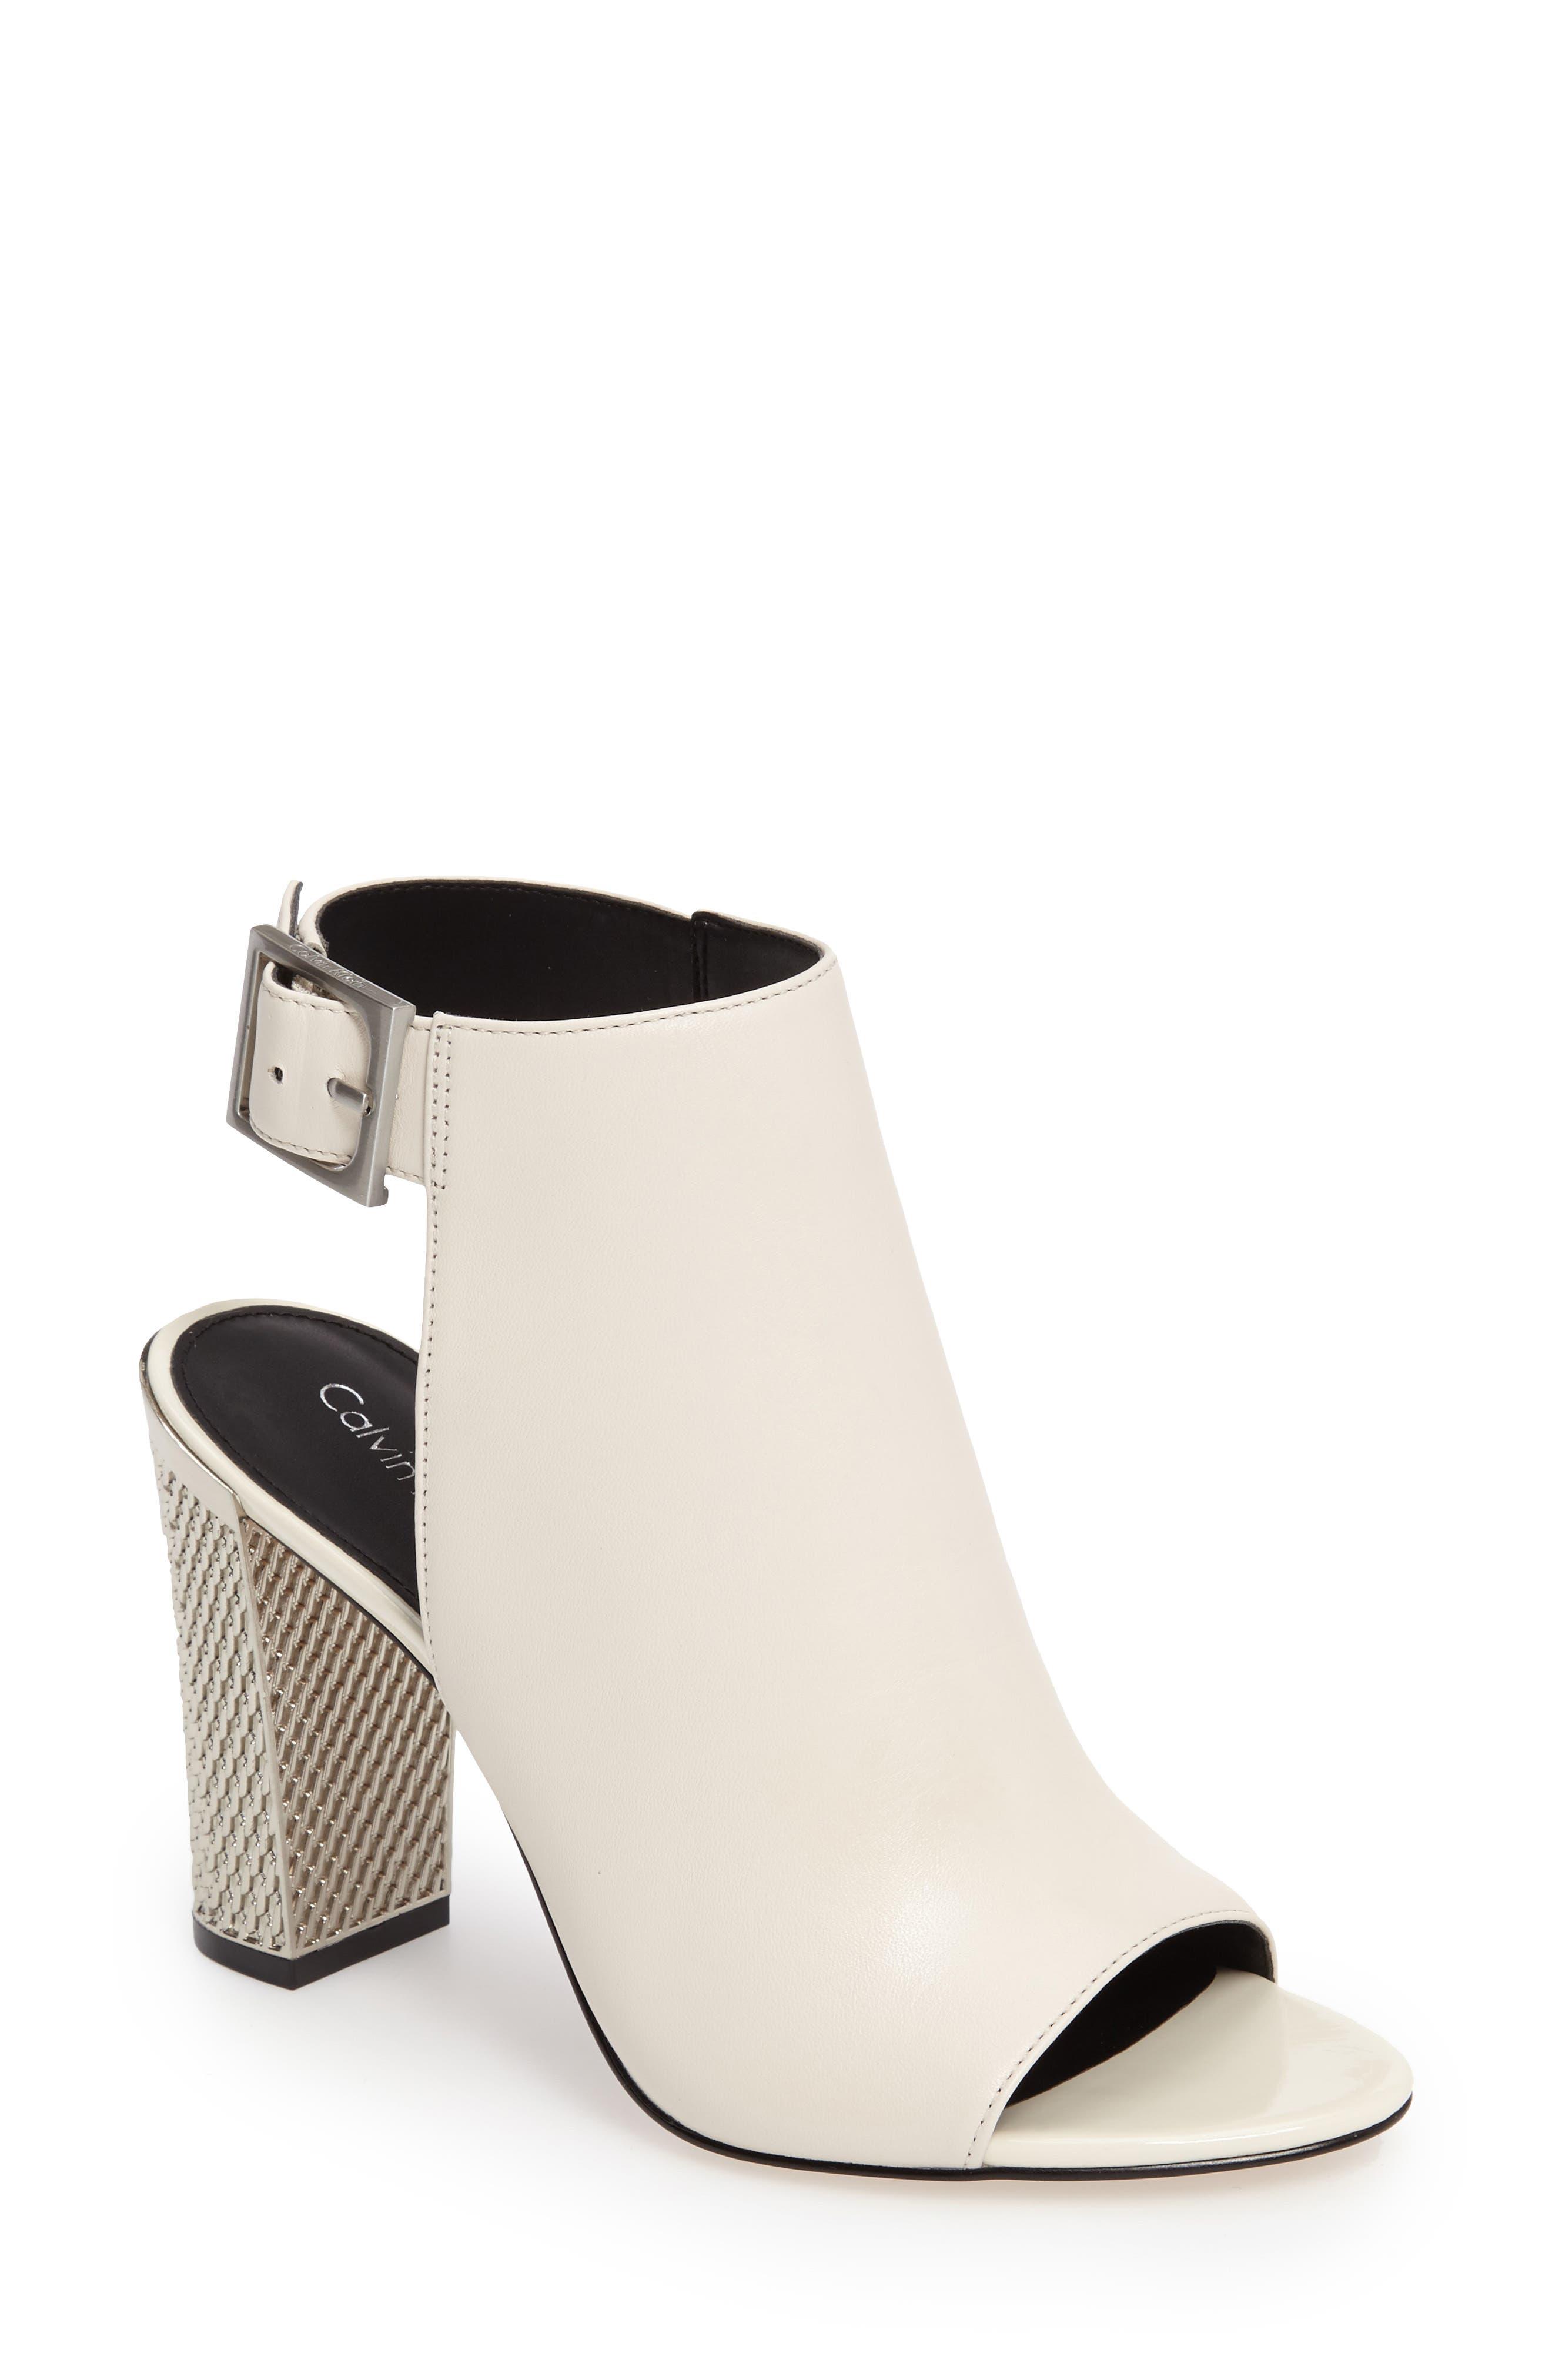 Main Image - Calvin Klein Norah Metallic Heel Sandal (Women)